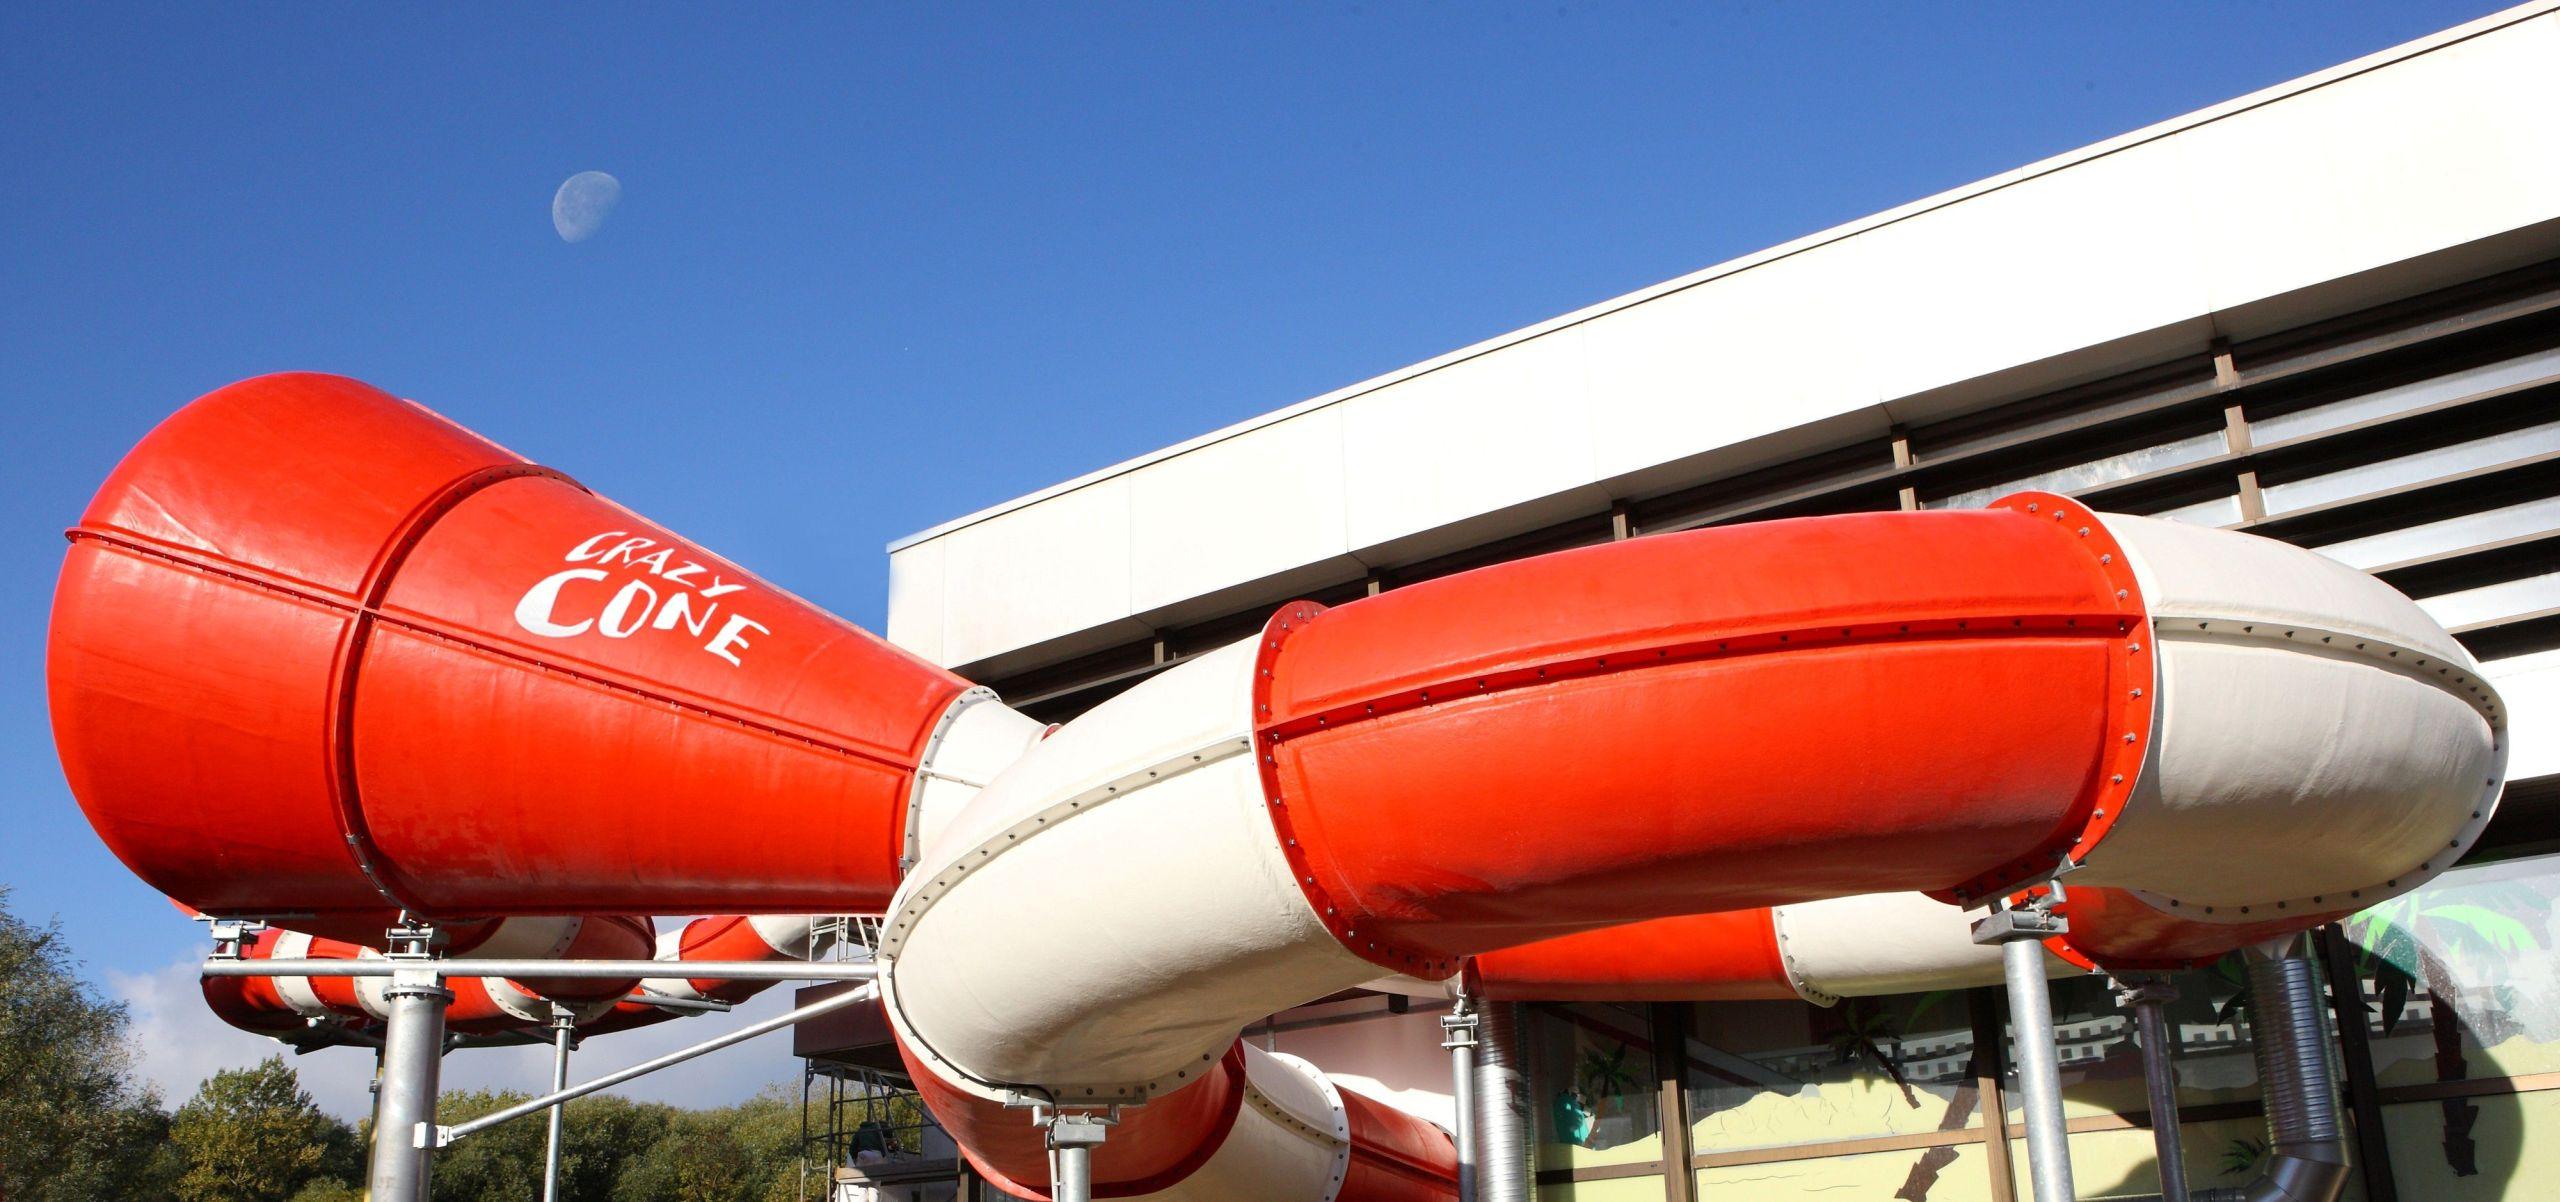 Crazy Cone Wasserrutsche in der Sehusa-Wasserwelt